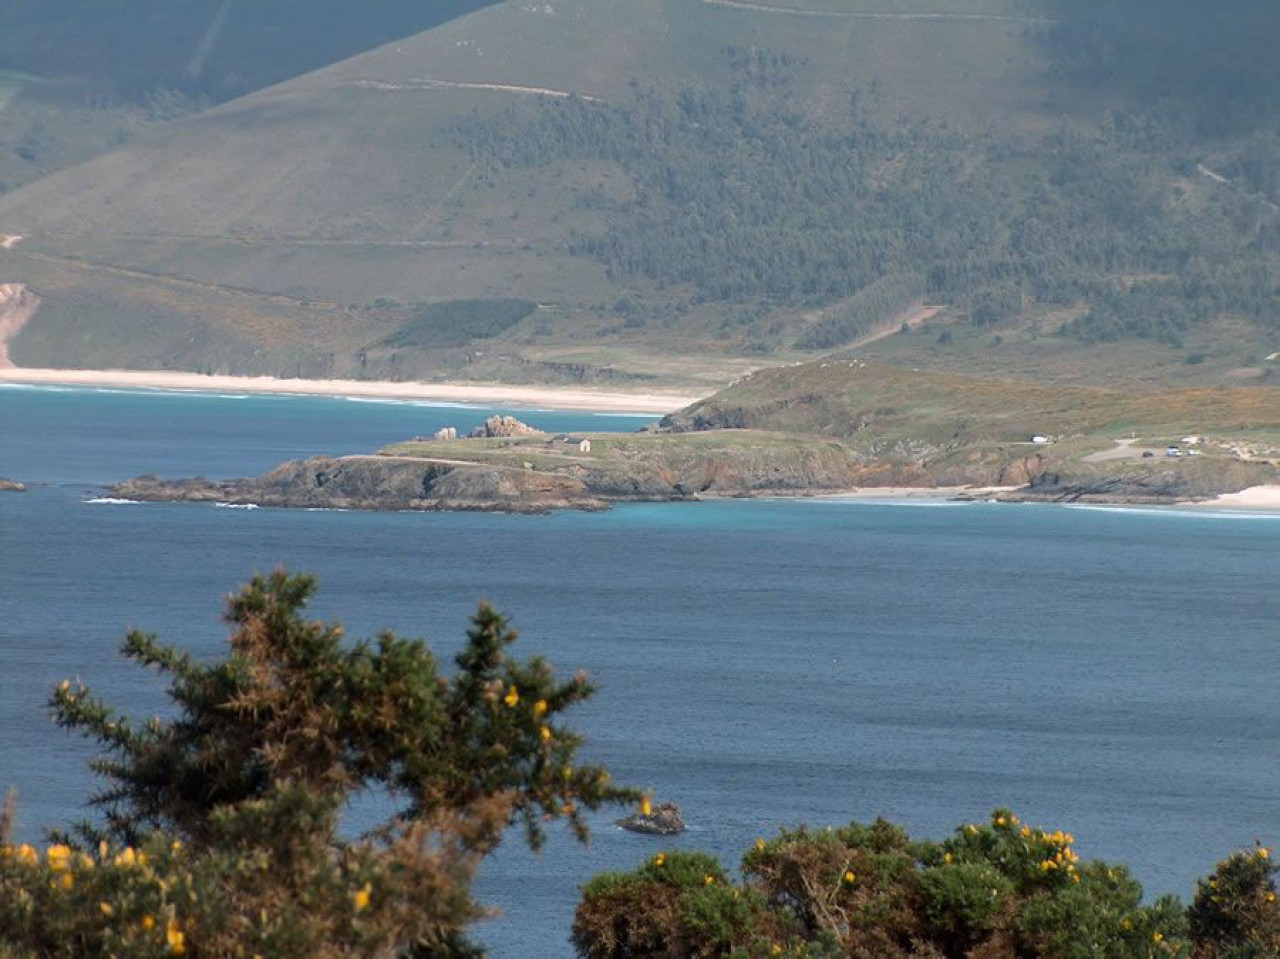 A ermida de Santa Comba coa praia de Ponzos ó fondo